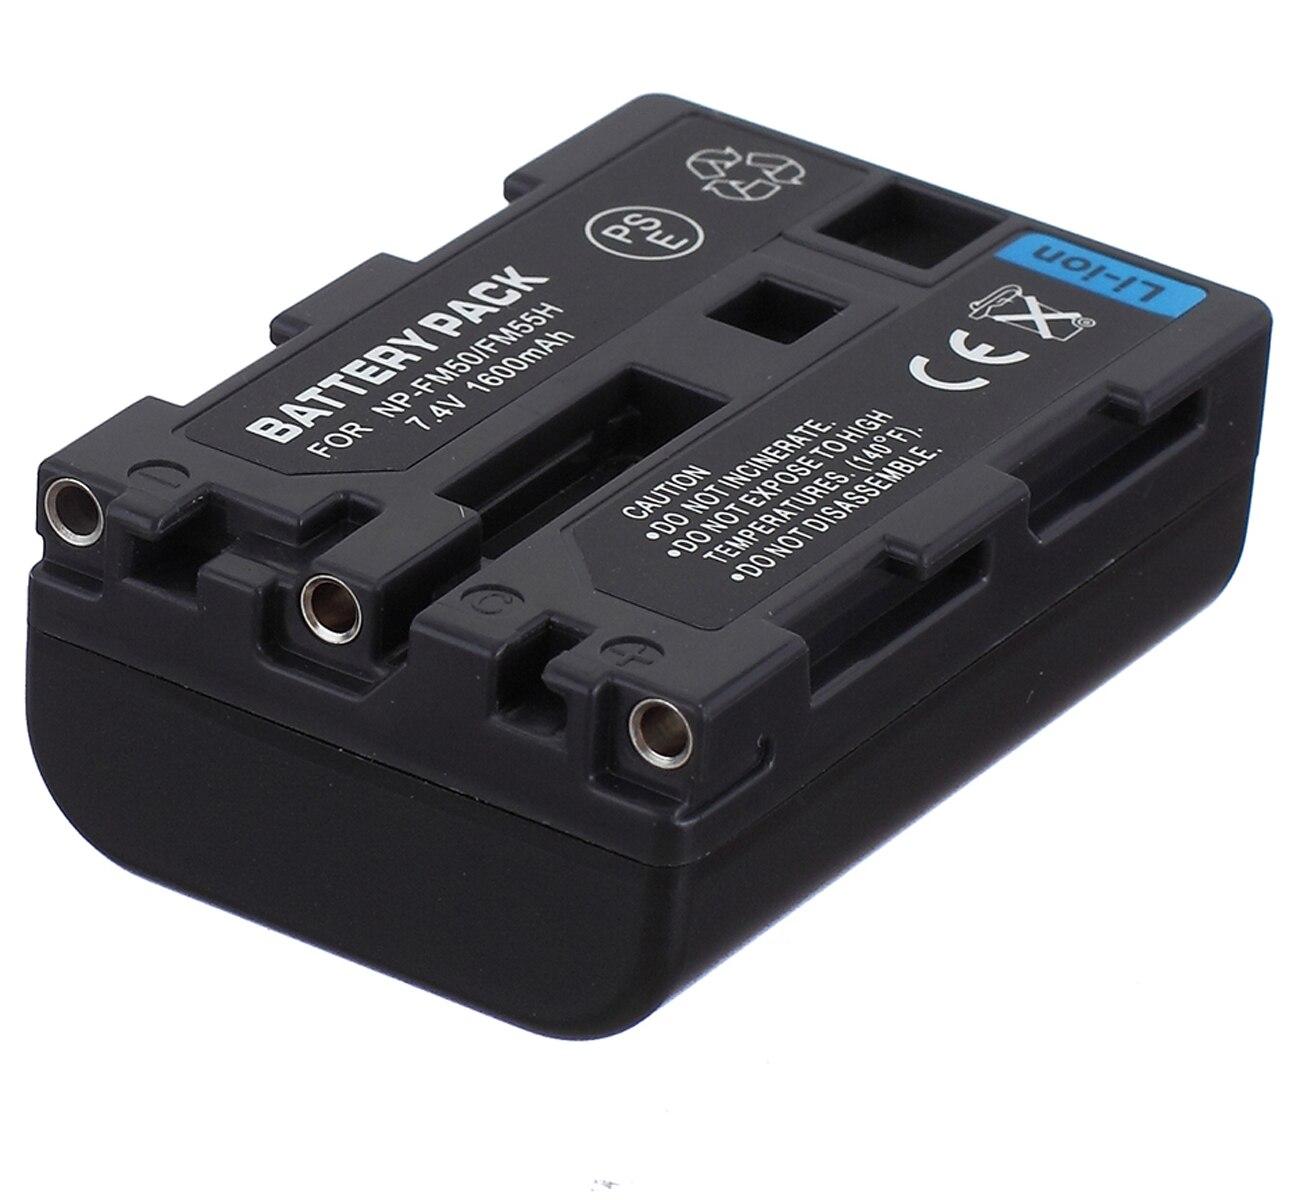 Paquete de baterías para Sony CCD-TRV408, CCD-TRV418, CCD-TRV428, CCD-TRV438, CCD-TRV608, CCD-TR648, CCD-TR748